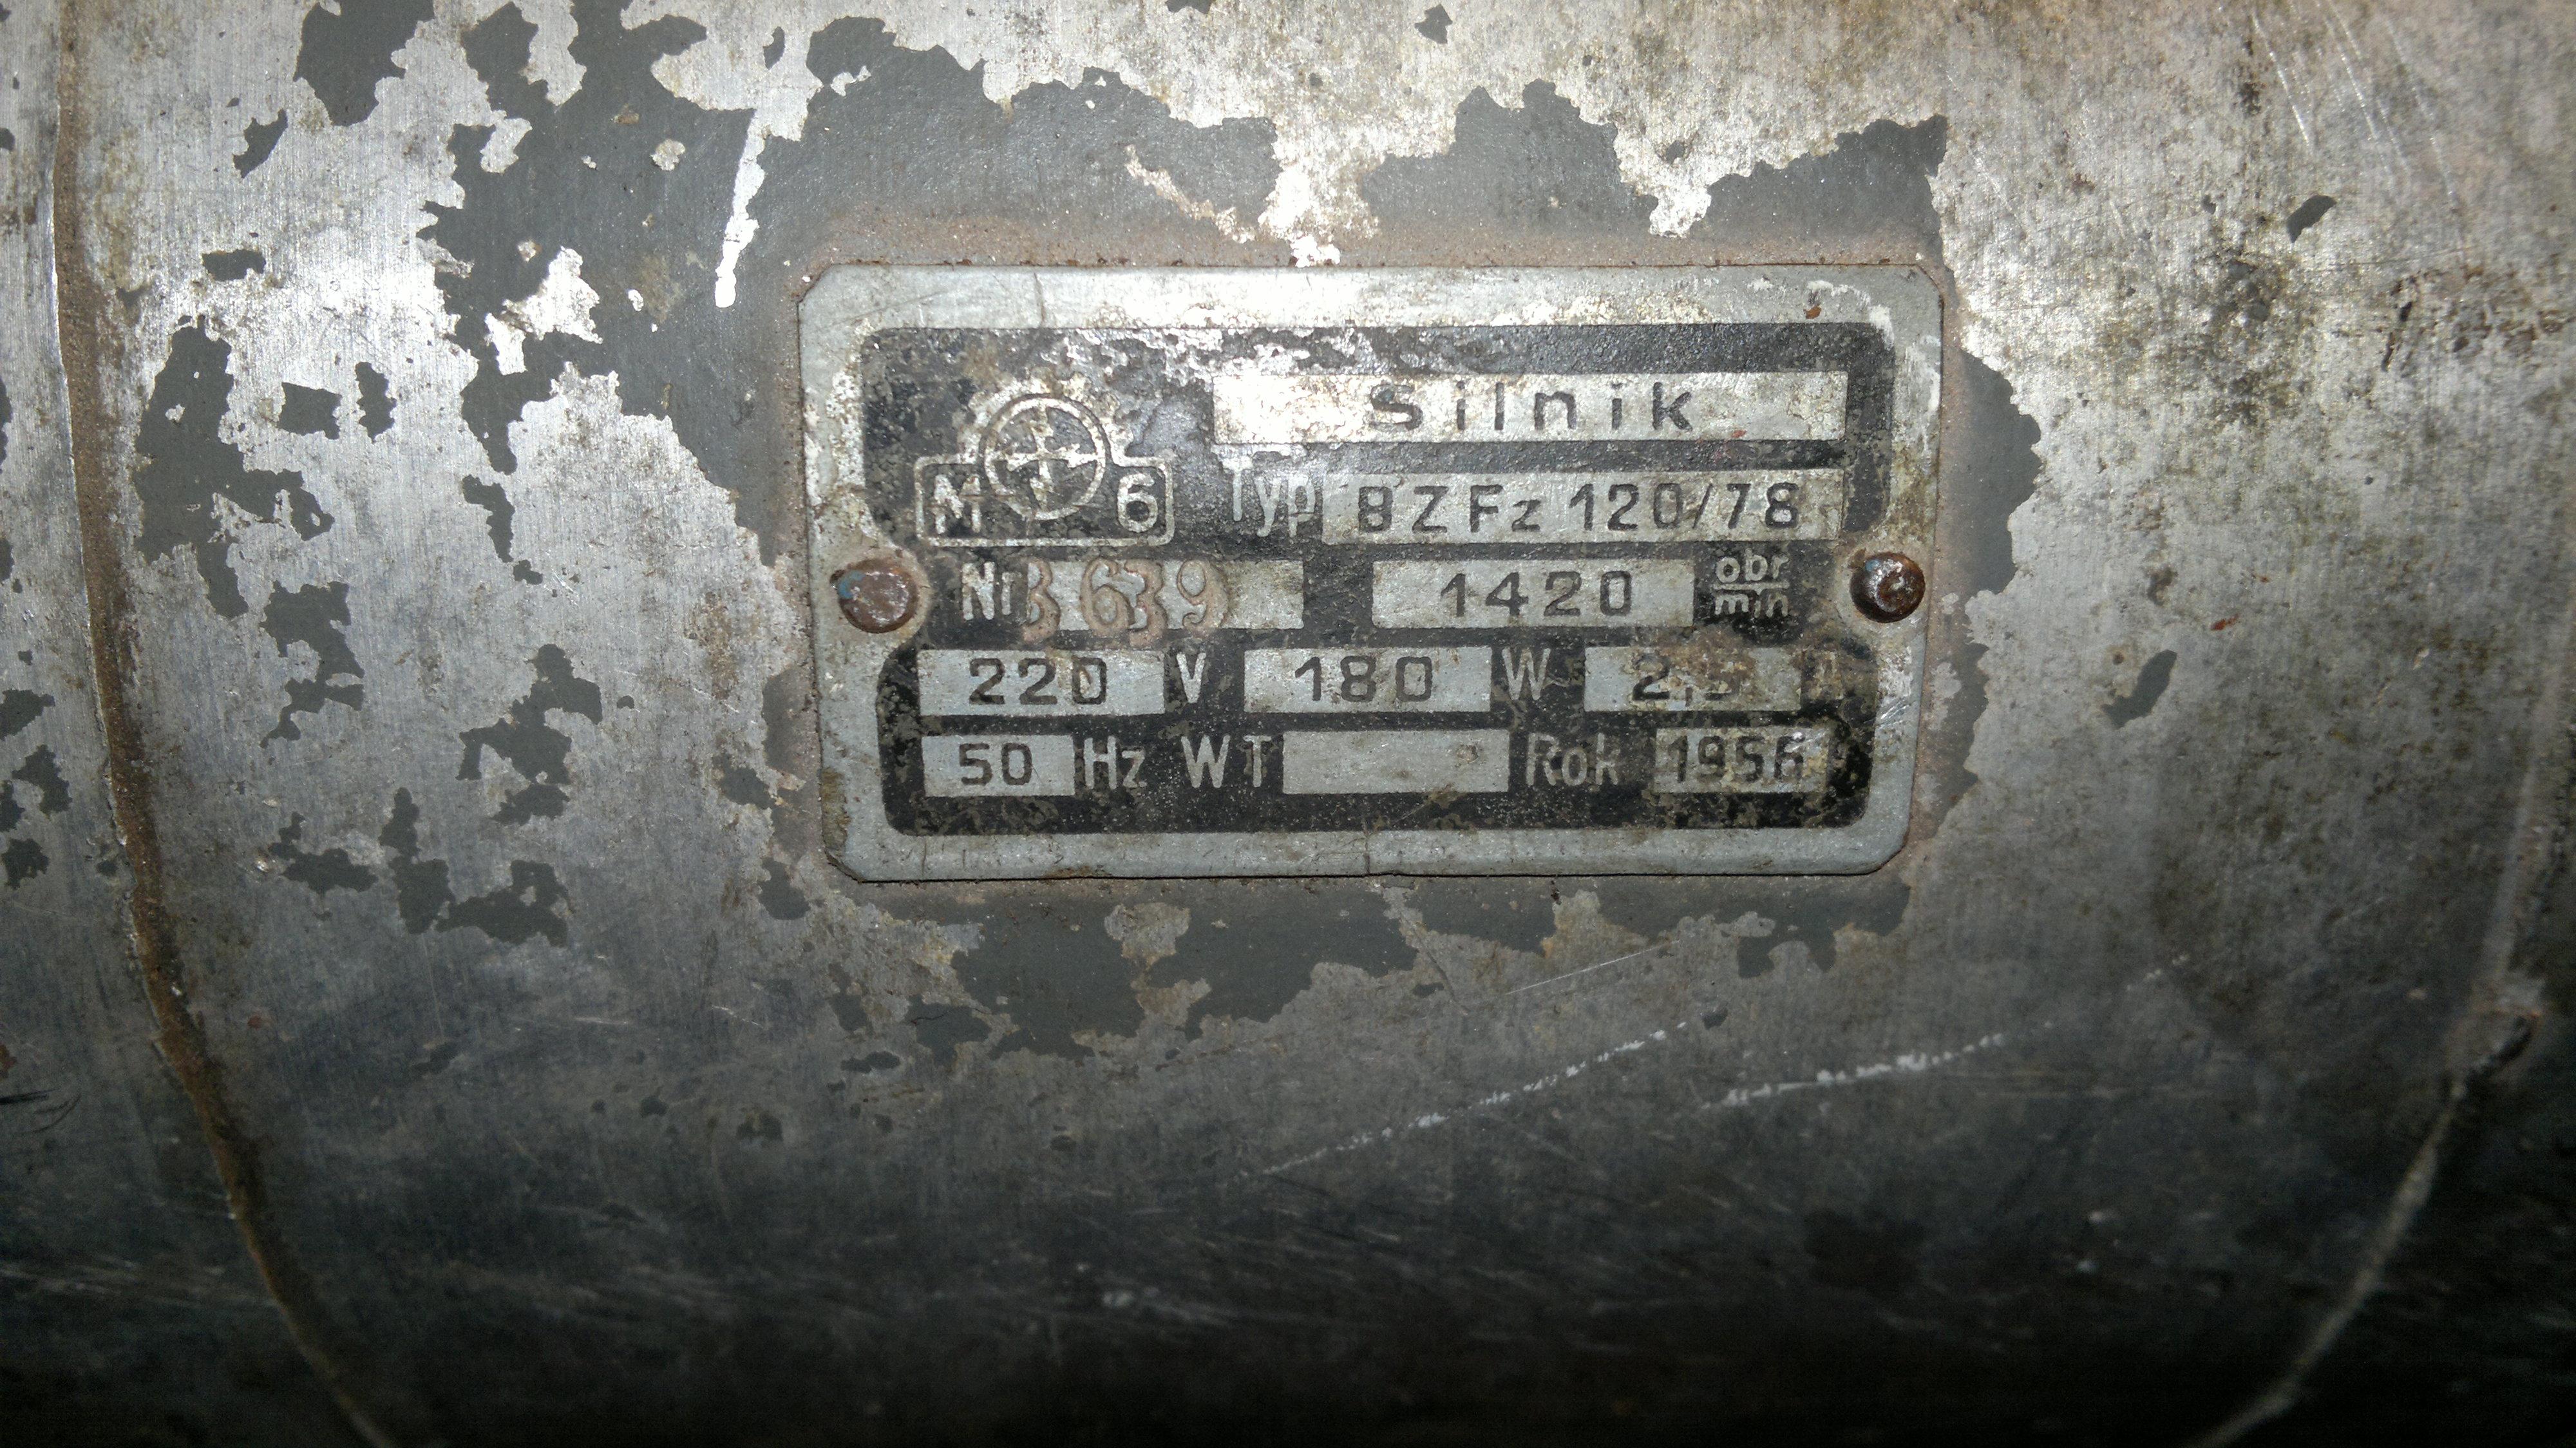 BZFz 120/78 - Silnik pralki Frania, jak pod��czy� brak wy��cznika od�rodkowego.